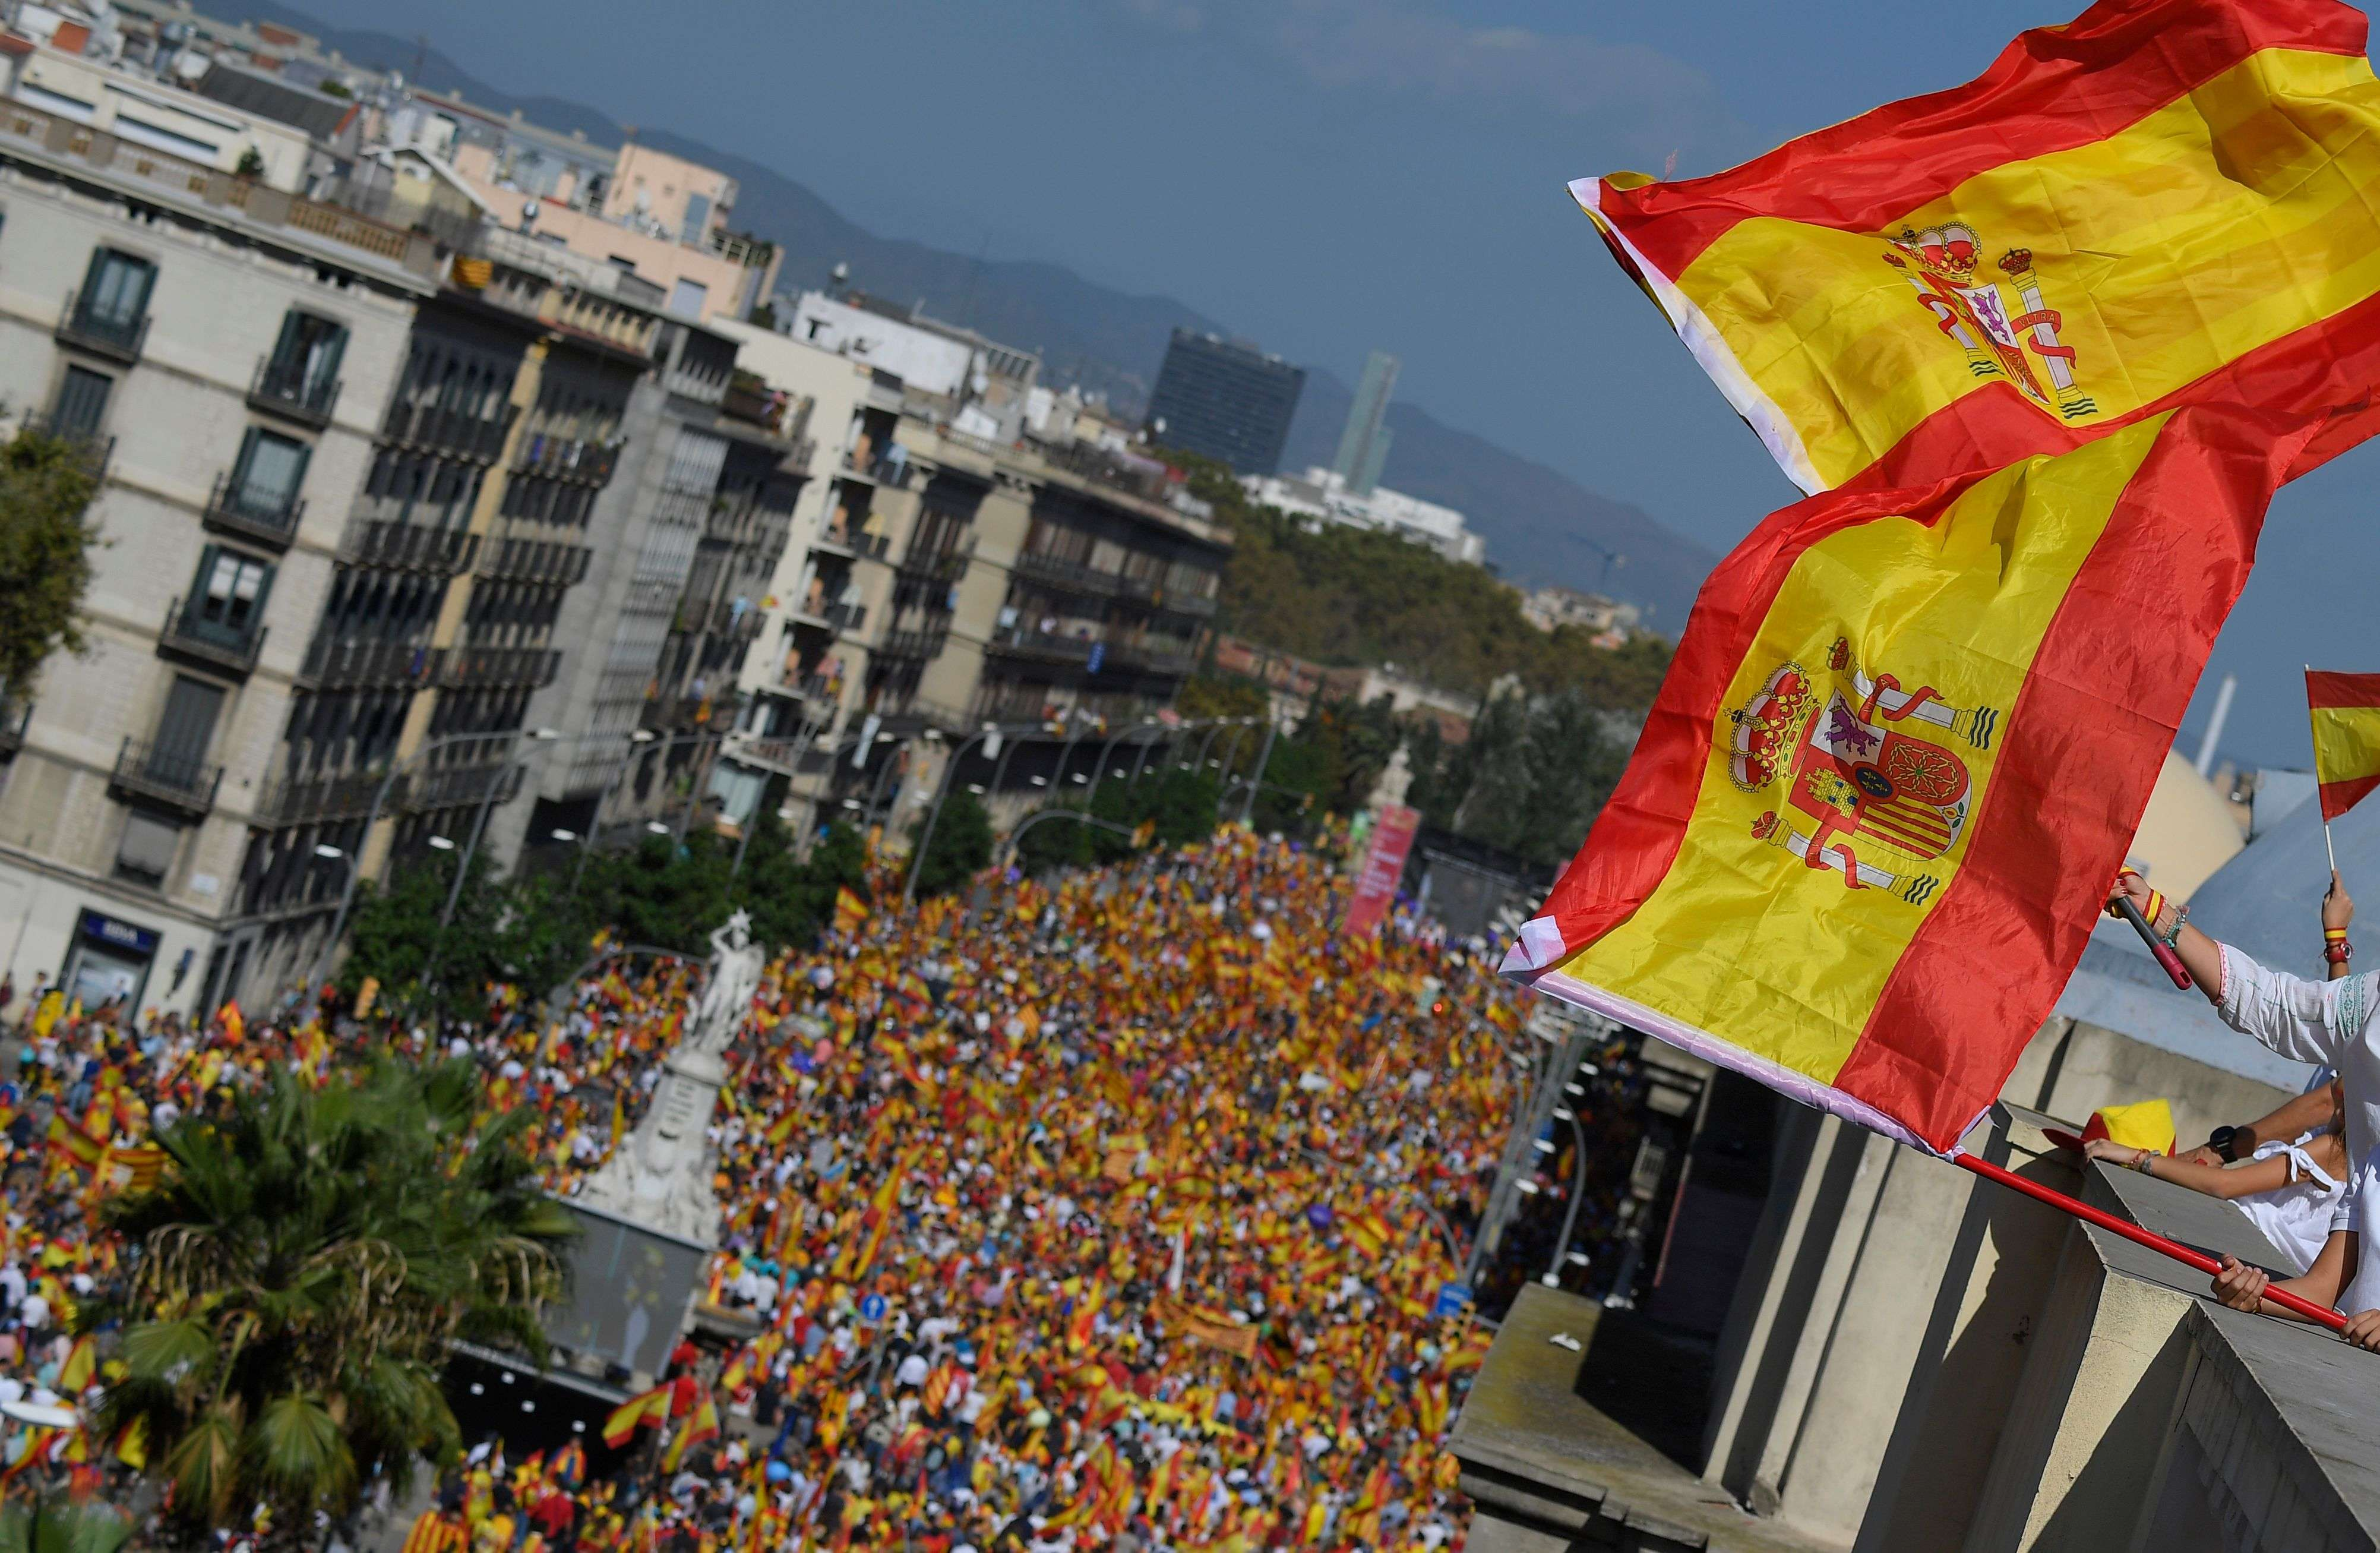 Plusieurs centaines de milliers de personnes, au moins 950 000 selon les organisateurs, 350 000 selon la police municipale, sont descendues dans les rues de Barcelone dimanche.